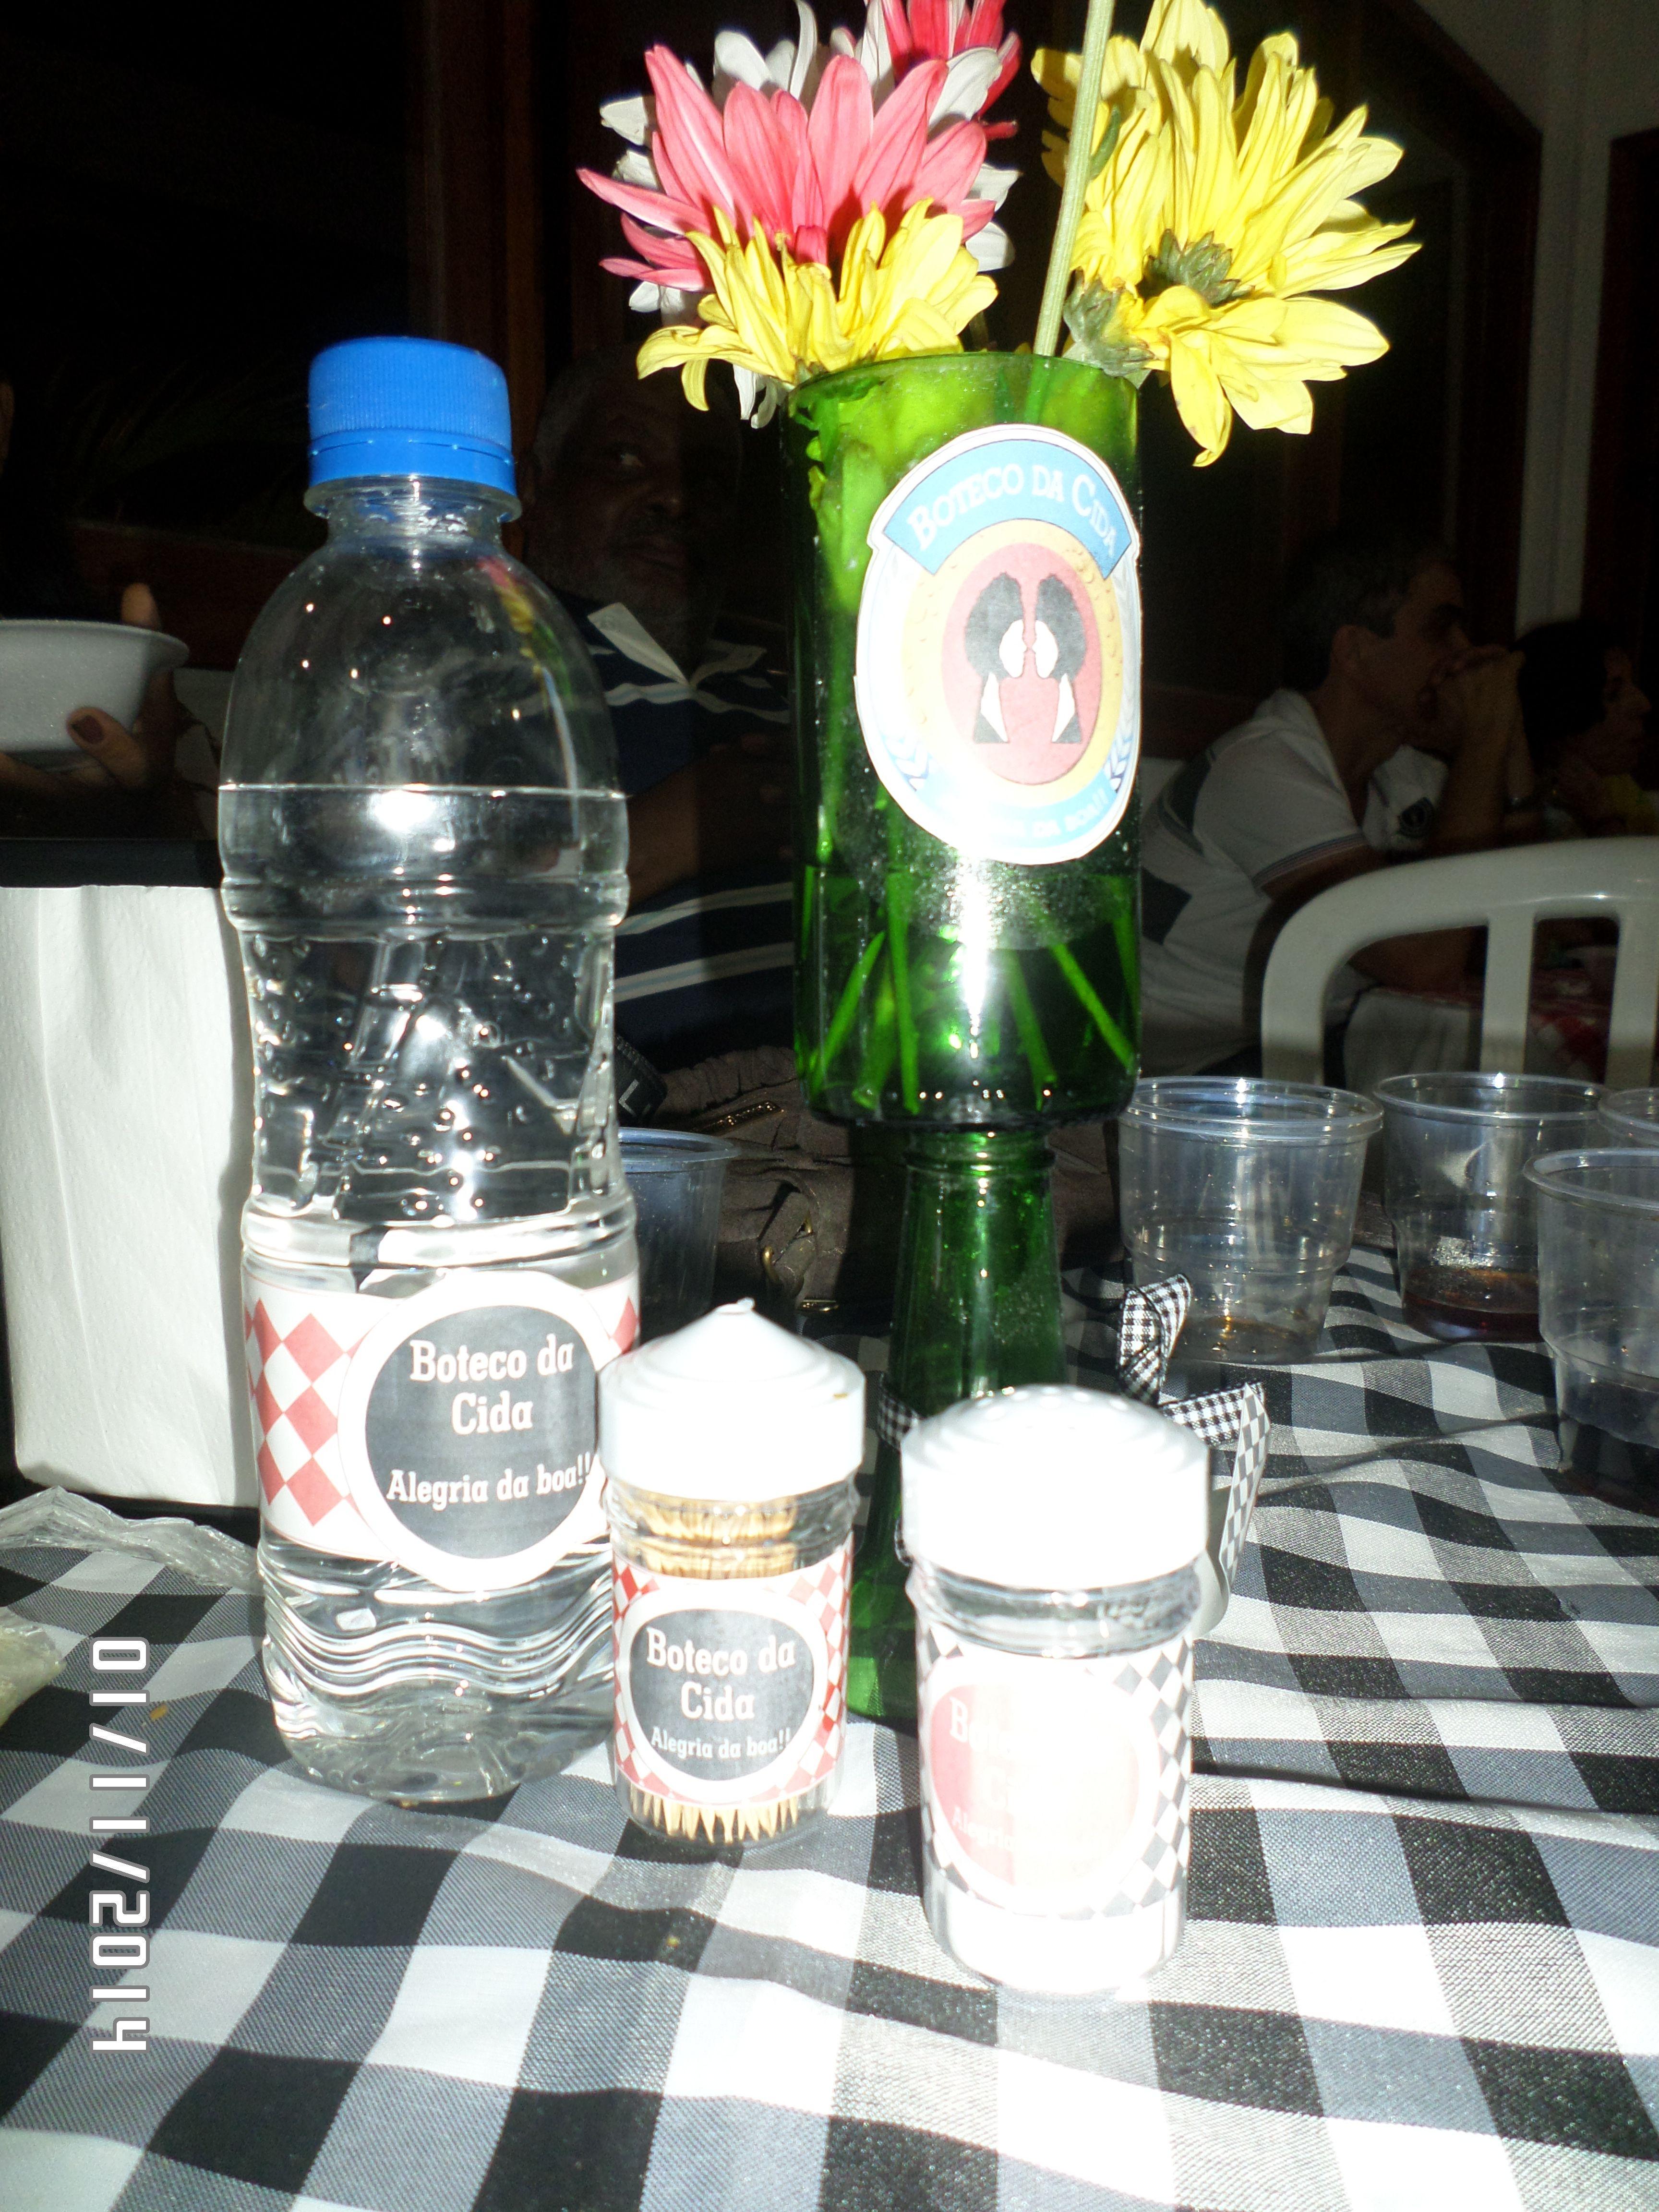 kit de lembrança das mesas